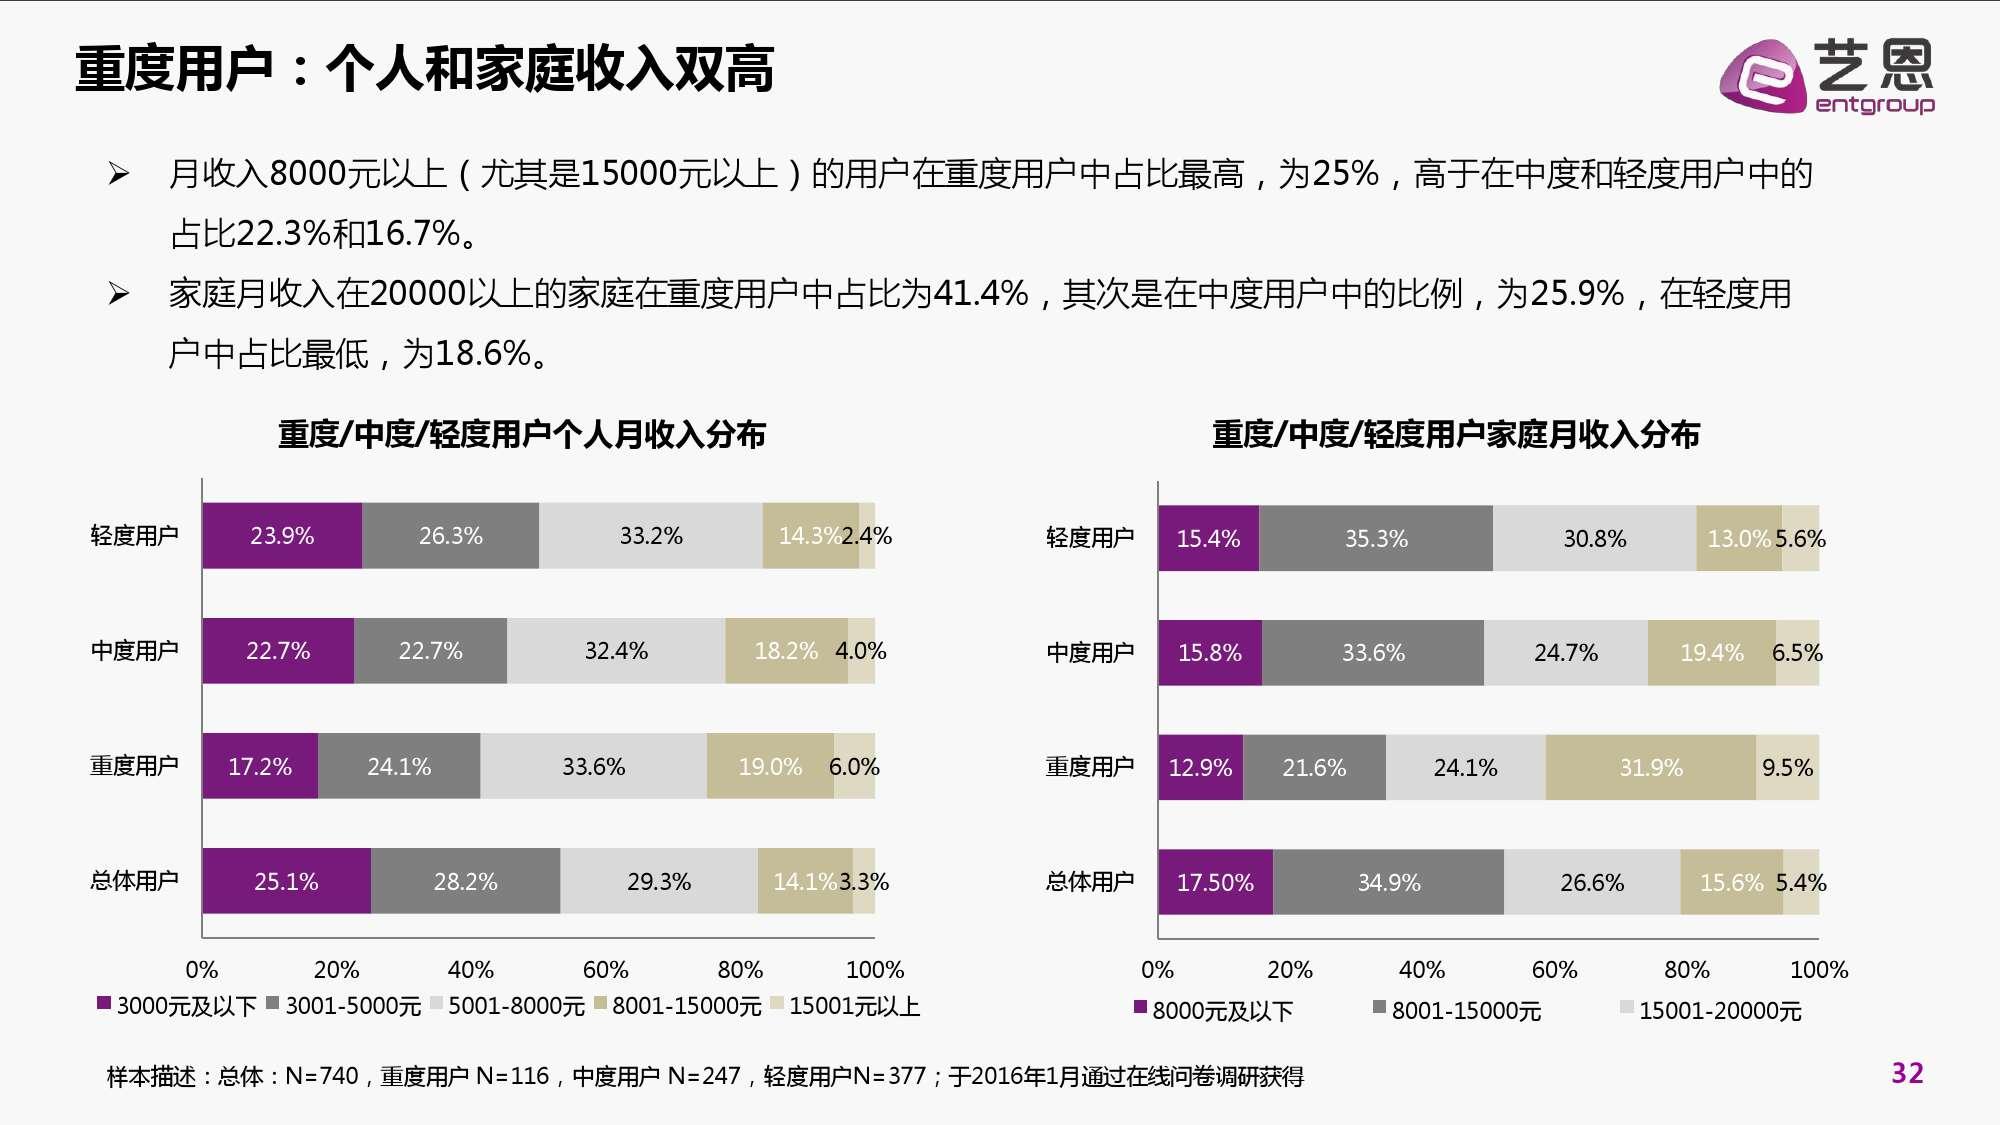 2016年中国电影在线票务市场研究报告_000032